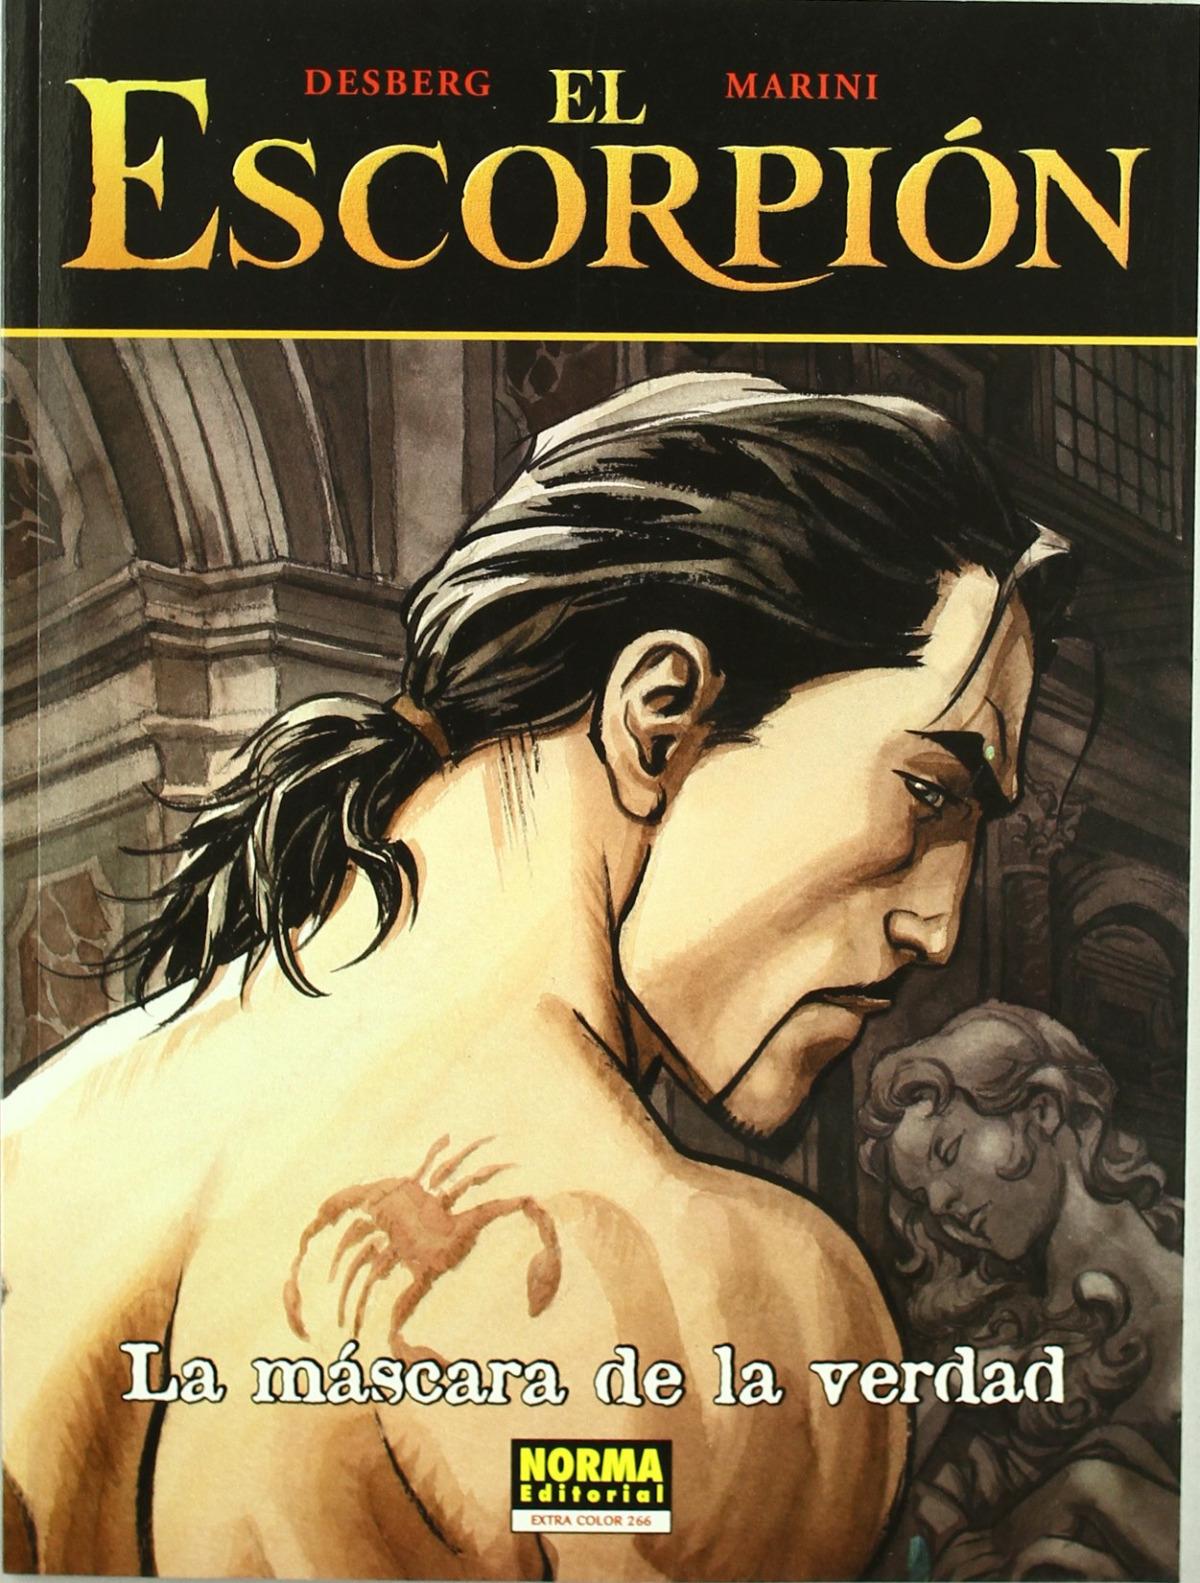 El escorpion 09. la mascara de la verdad